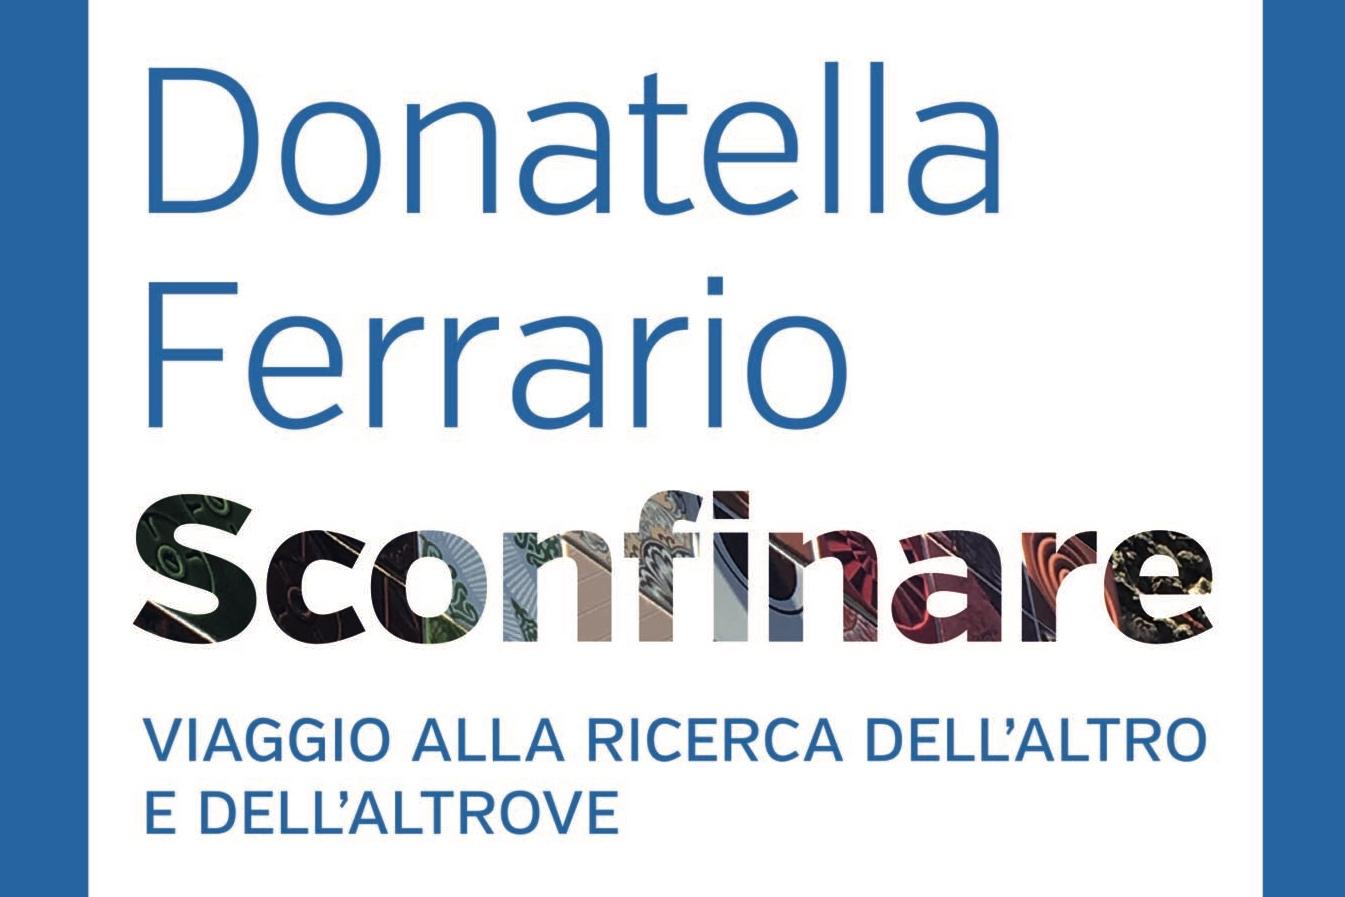 Con Donatella Ferrario si sconfina alla ricerca dell'altro e dell'altrove